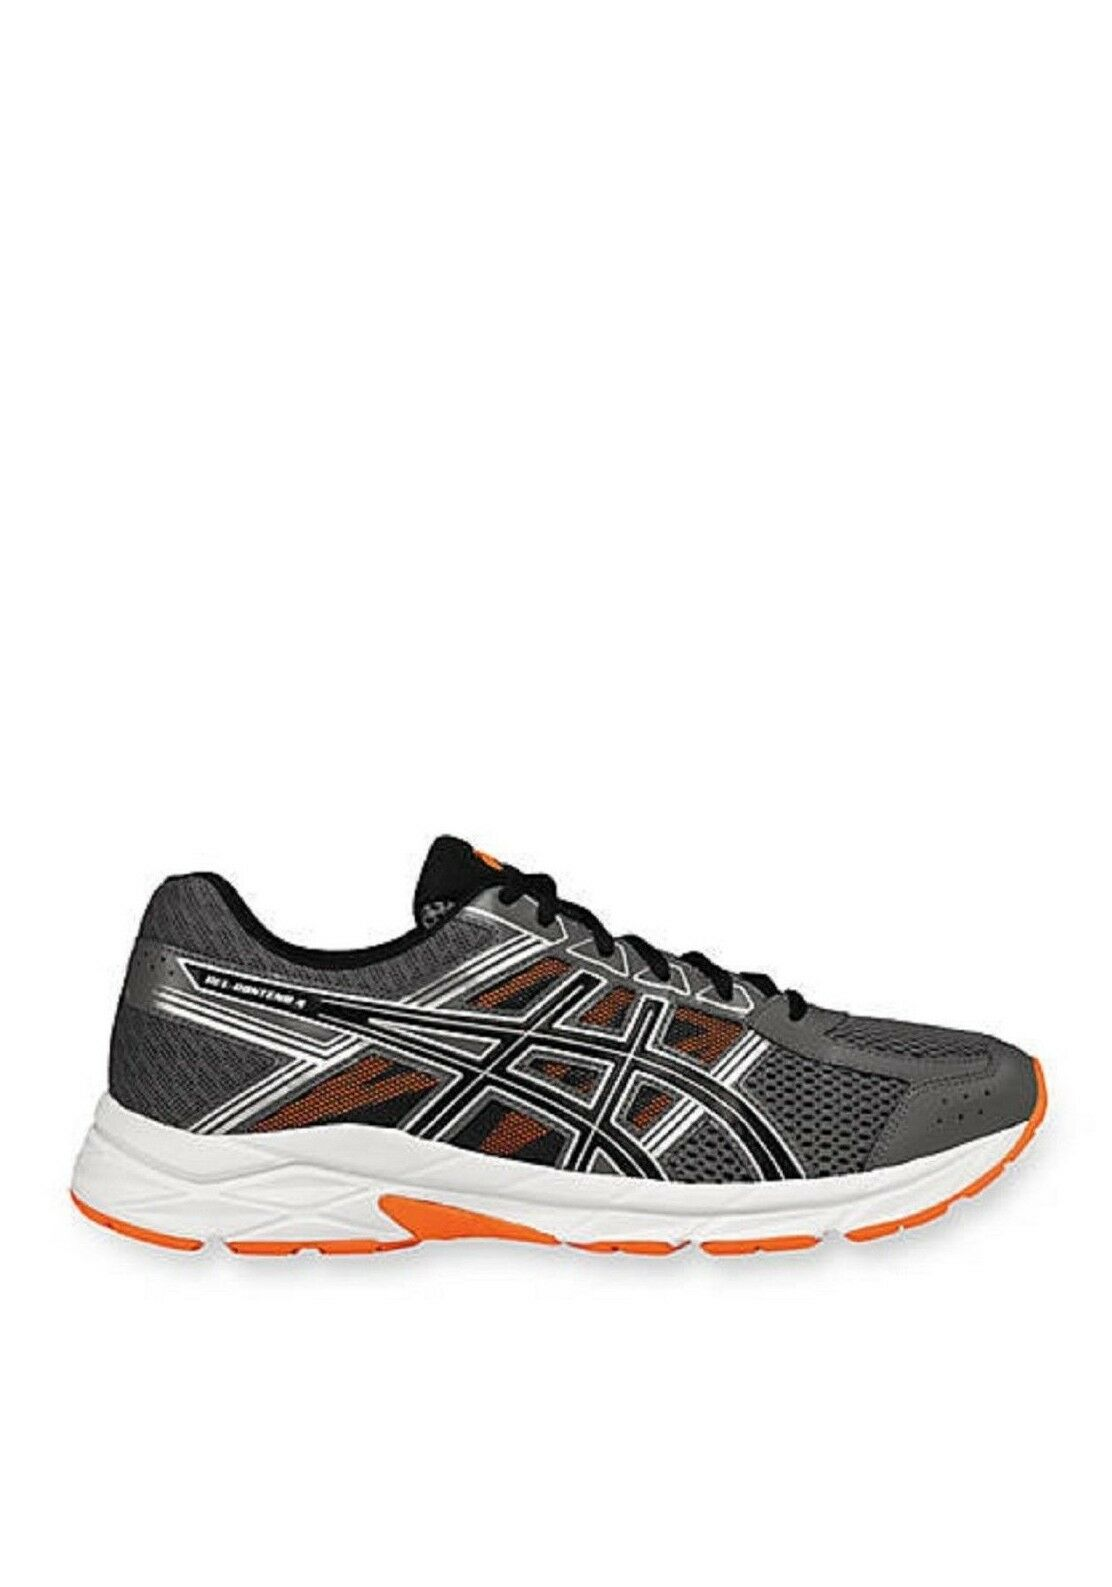 ils (t715n) font des chaussures pour hommes 4 gel (t715n) ils de carbone / aeb / ornge / whte sz.9m nib 785c75